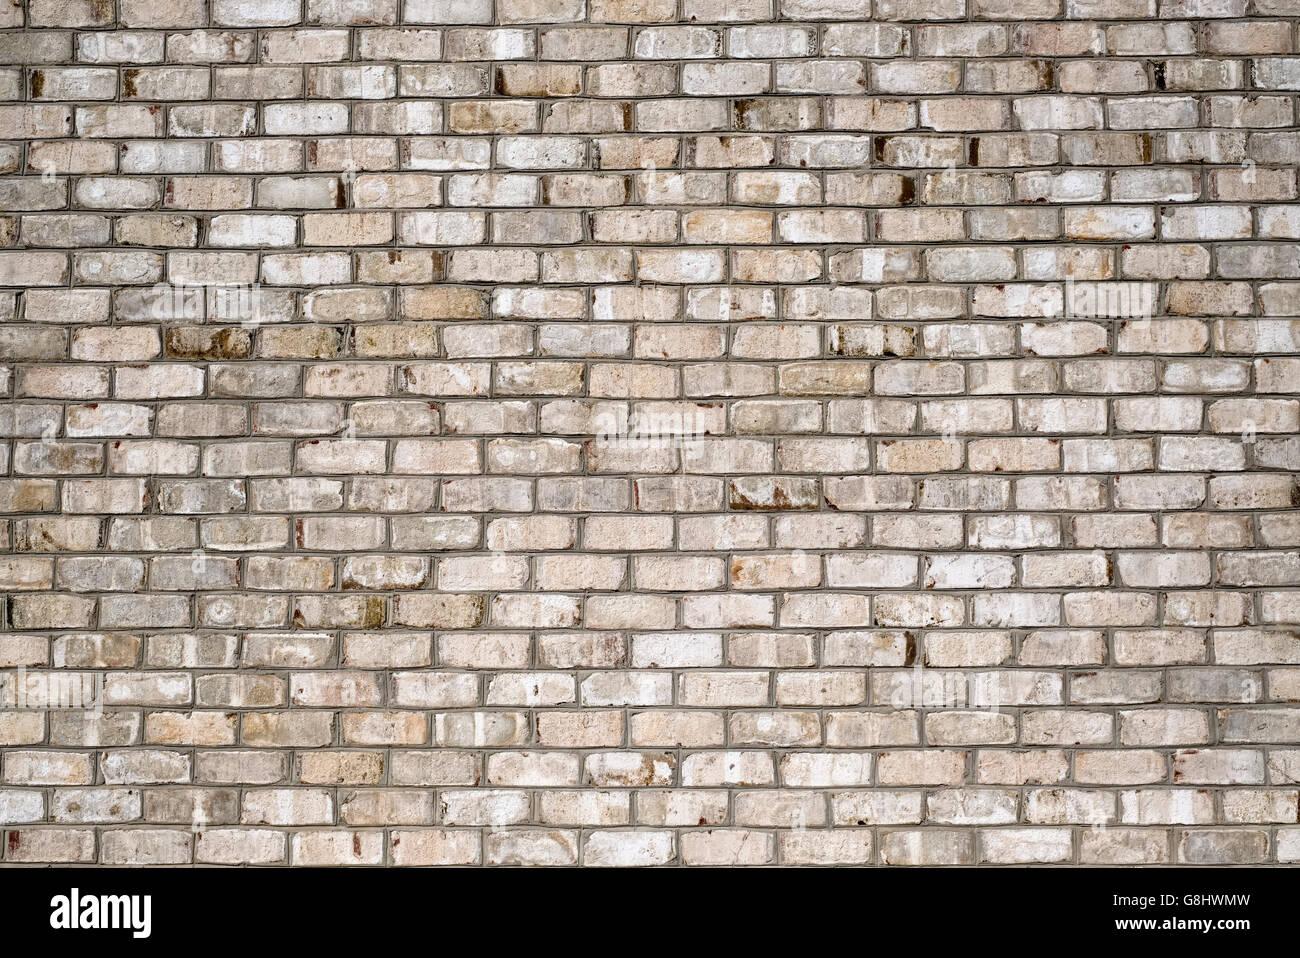 Weiße Ziegel, Ziegel Wand Texturoberfläche Stockbild